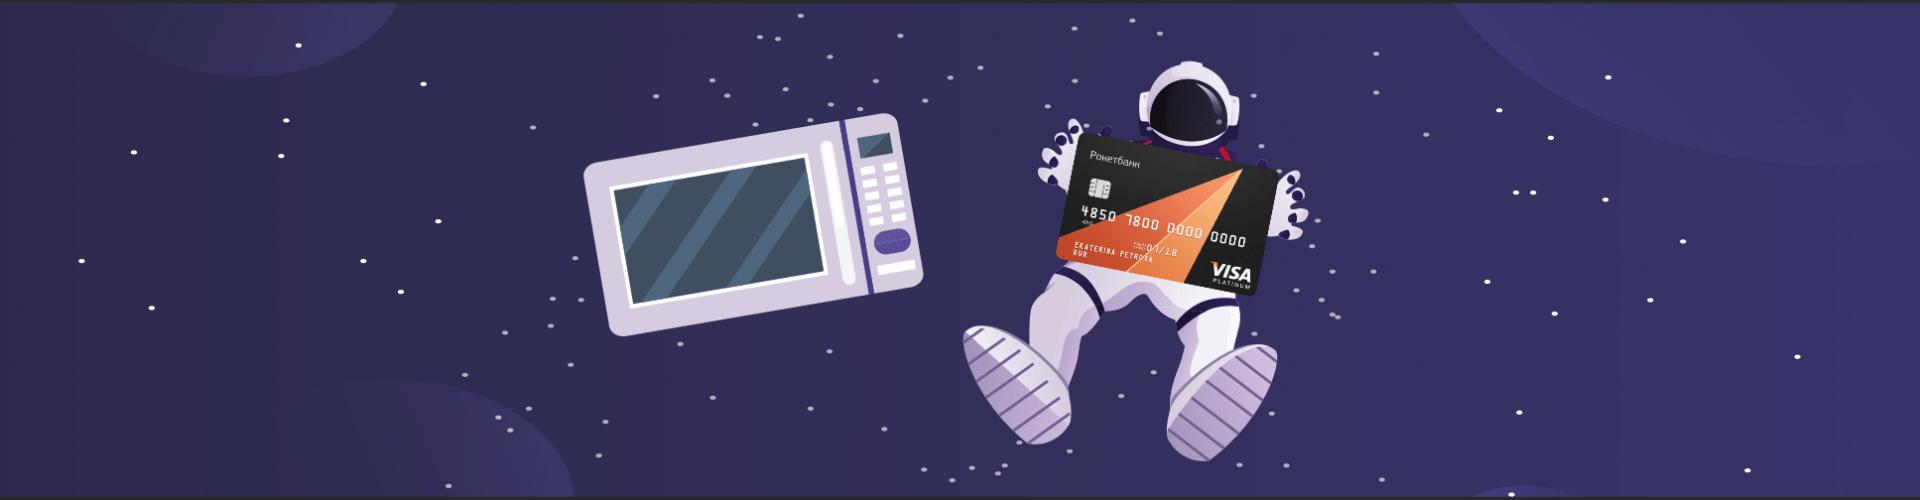 космос, космонавт, микволновая печь, рокетбанк, кредитная карта